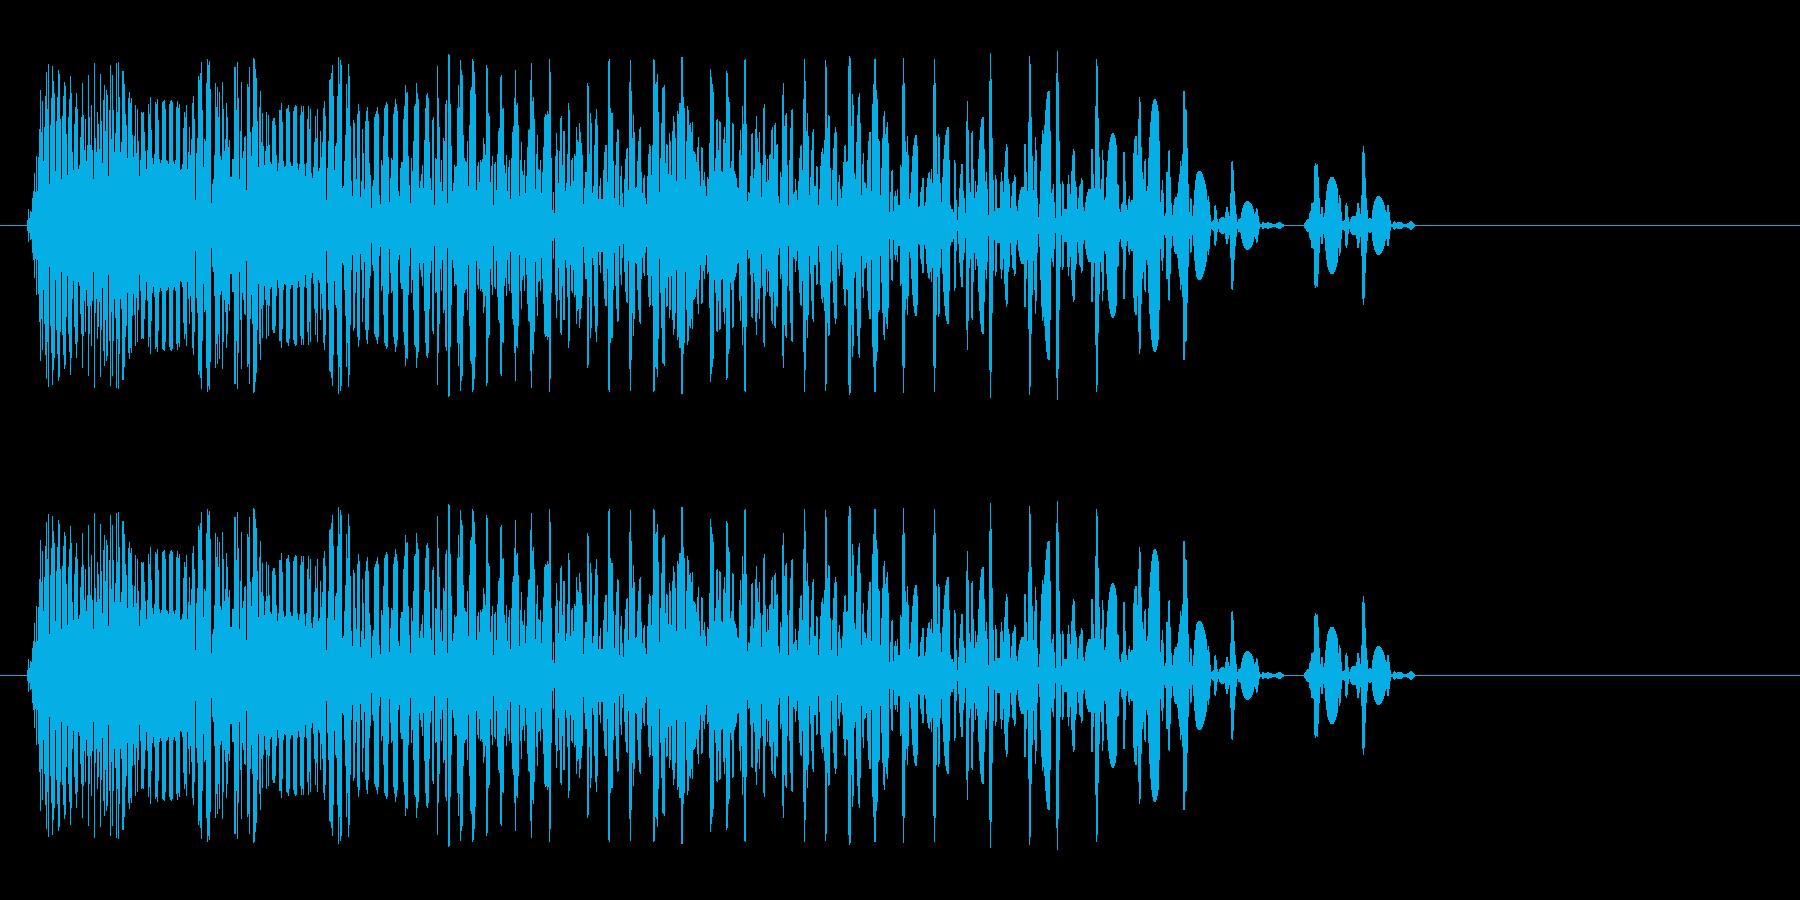 強い響きの急に止まる音の再生済みの波形